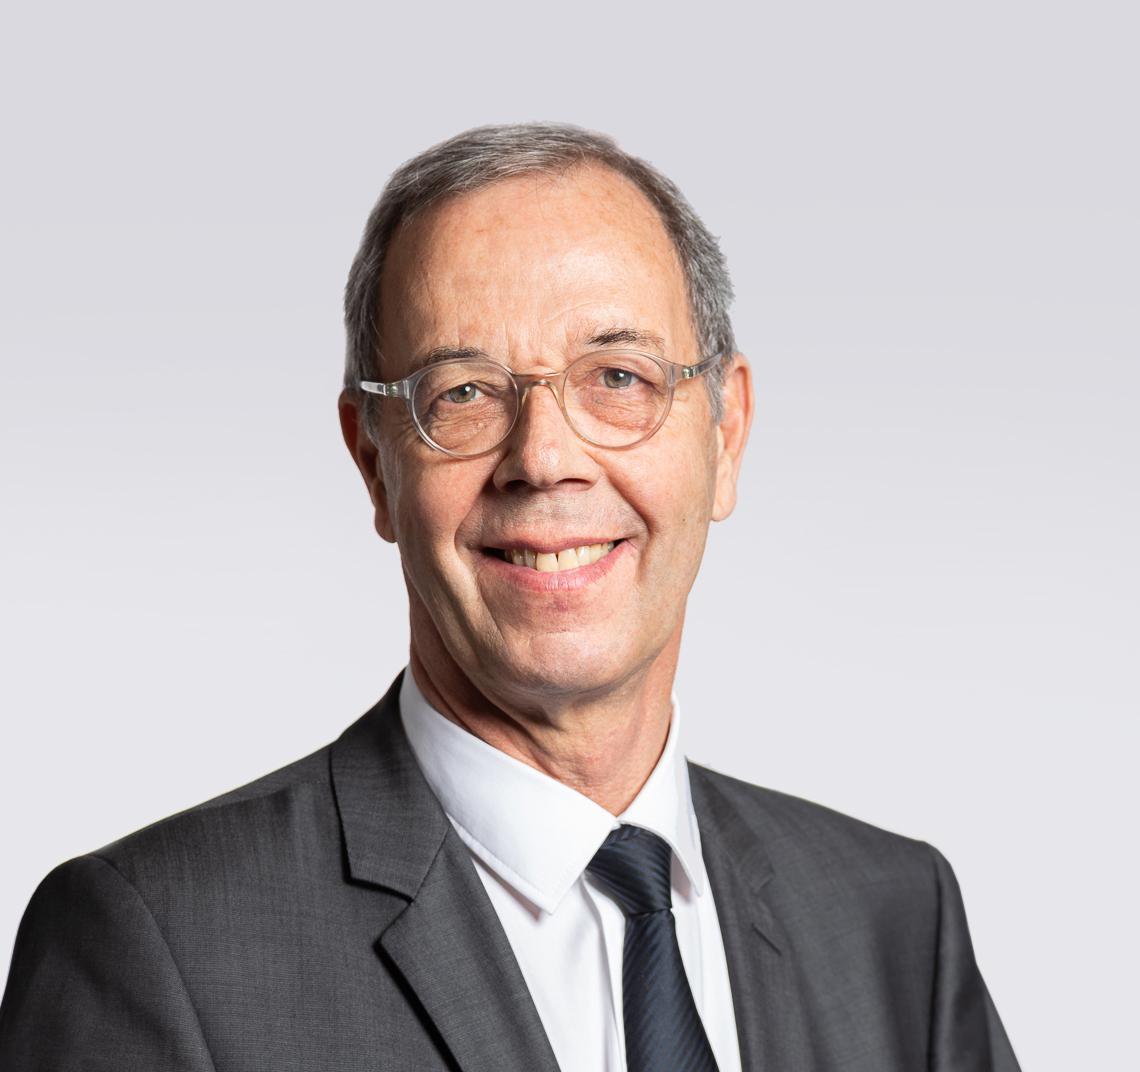 Prof. Leyvraz